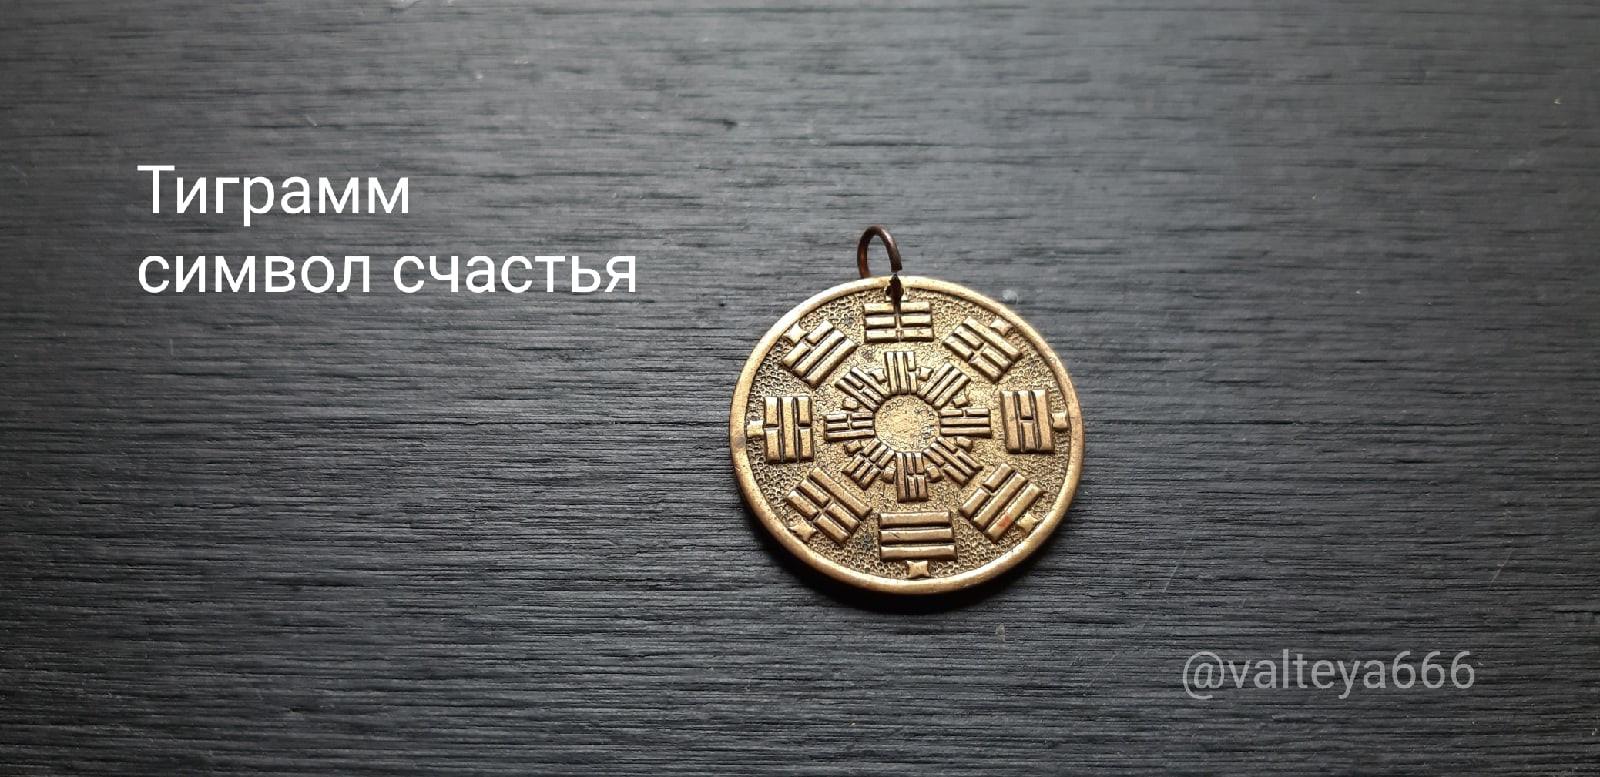 киев - Амулеты, талисманы, обереги из металла. - Страница 2 _2FLcDlJG_o